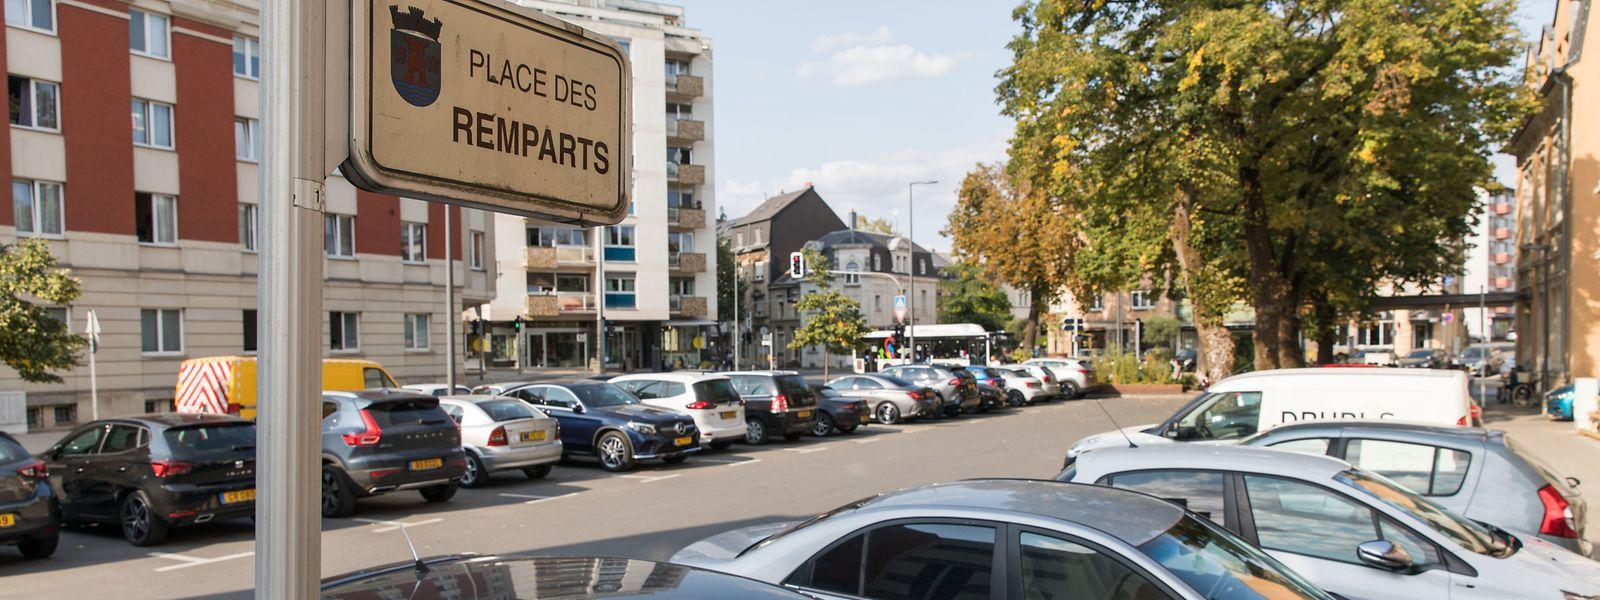 Von Montag an, gelten in manchen Strassen des Escher Zentrums neue Bestimmungen.